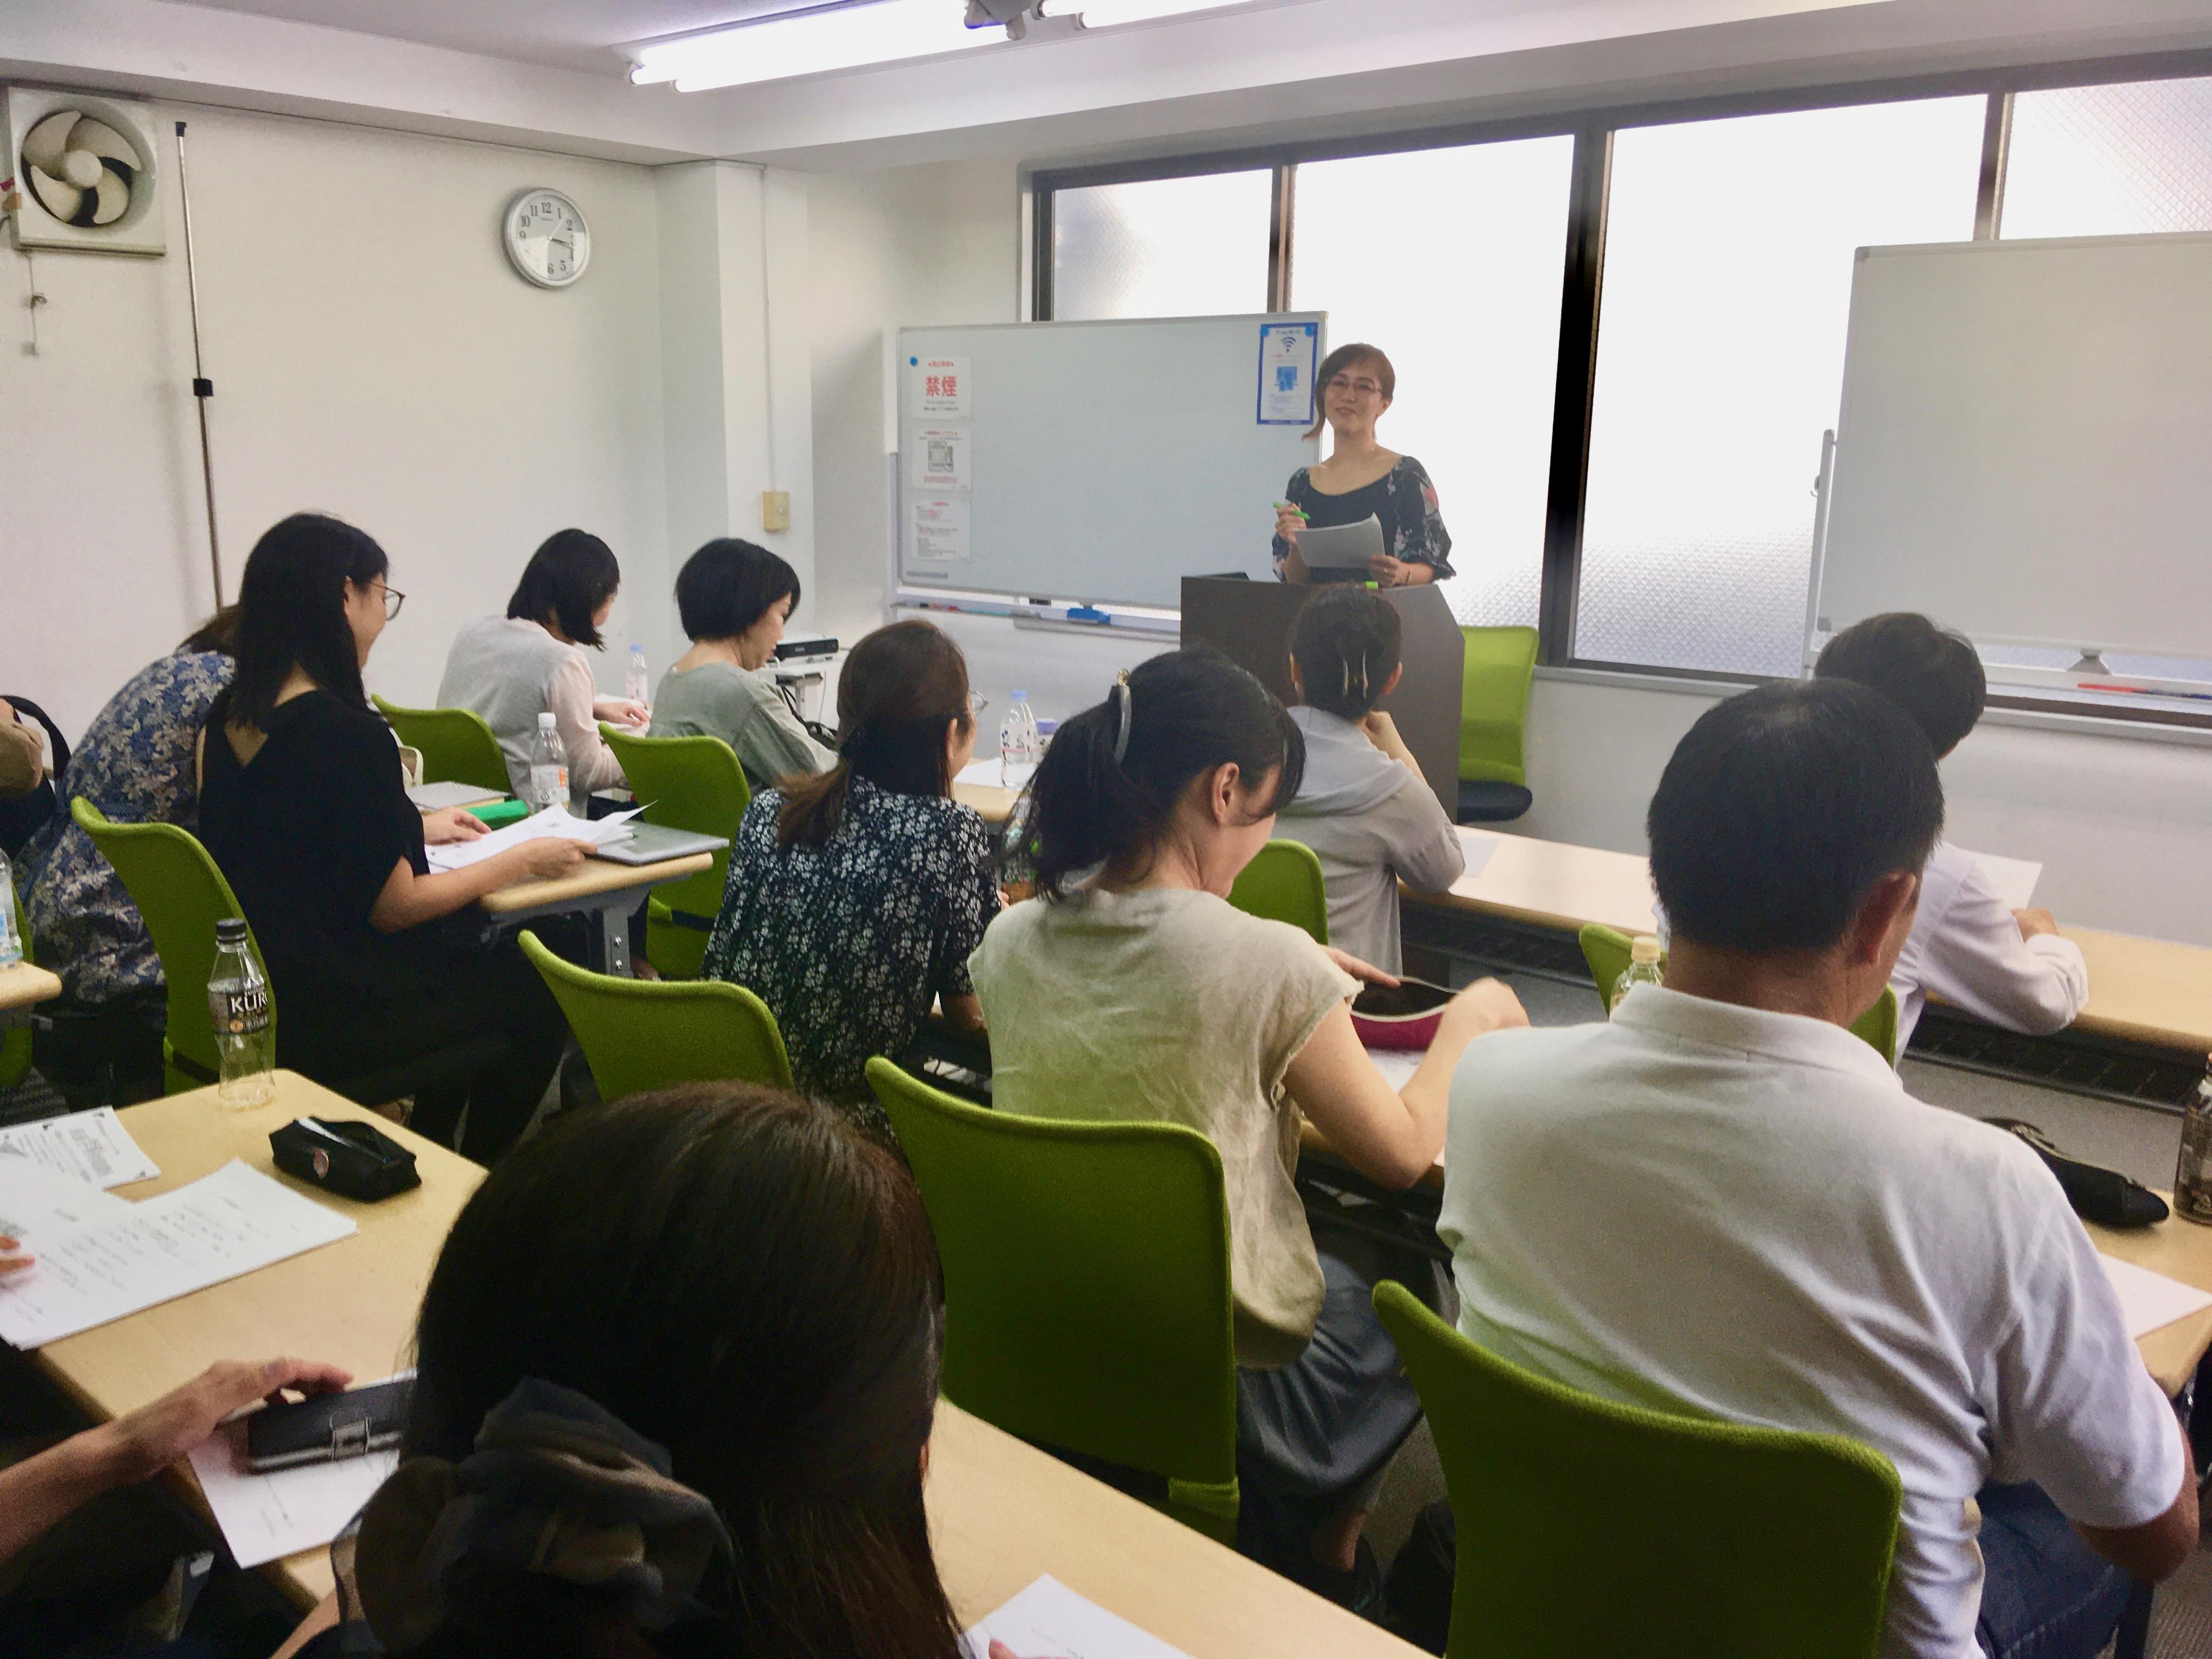 国家資格キャリアコンサルタント試験 直前対策講座のご案内